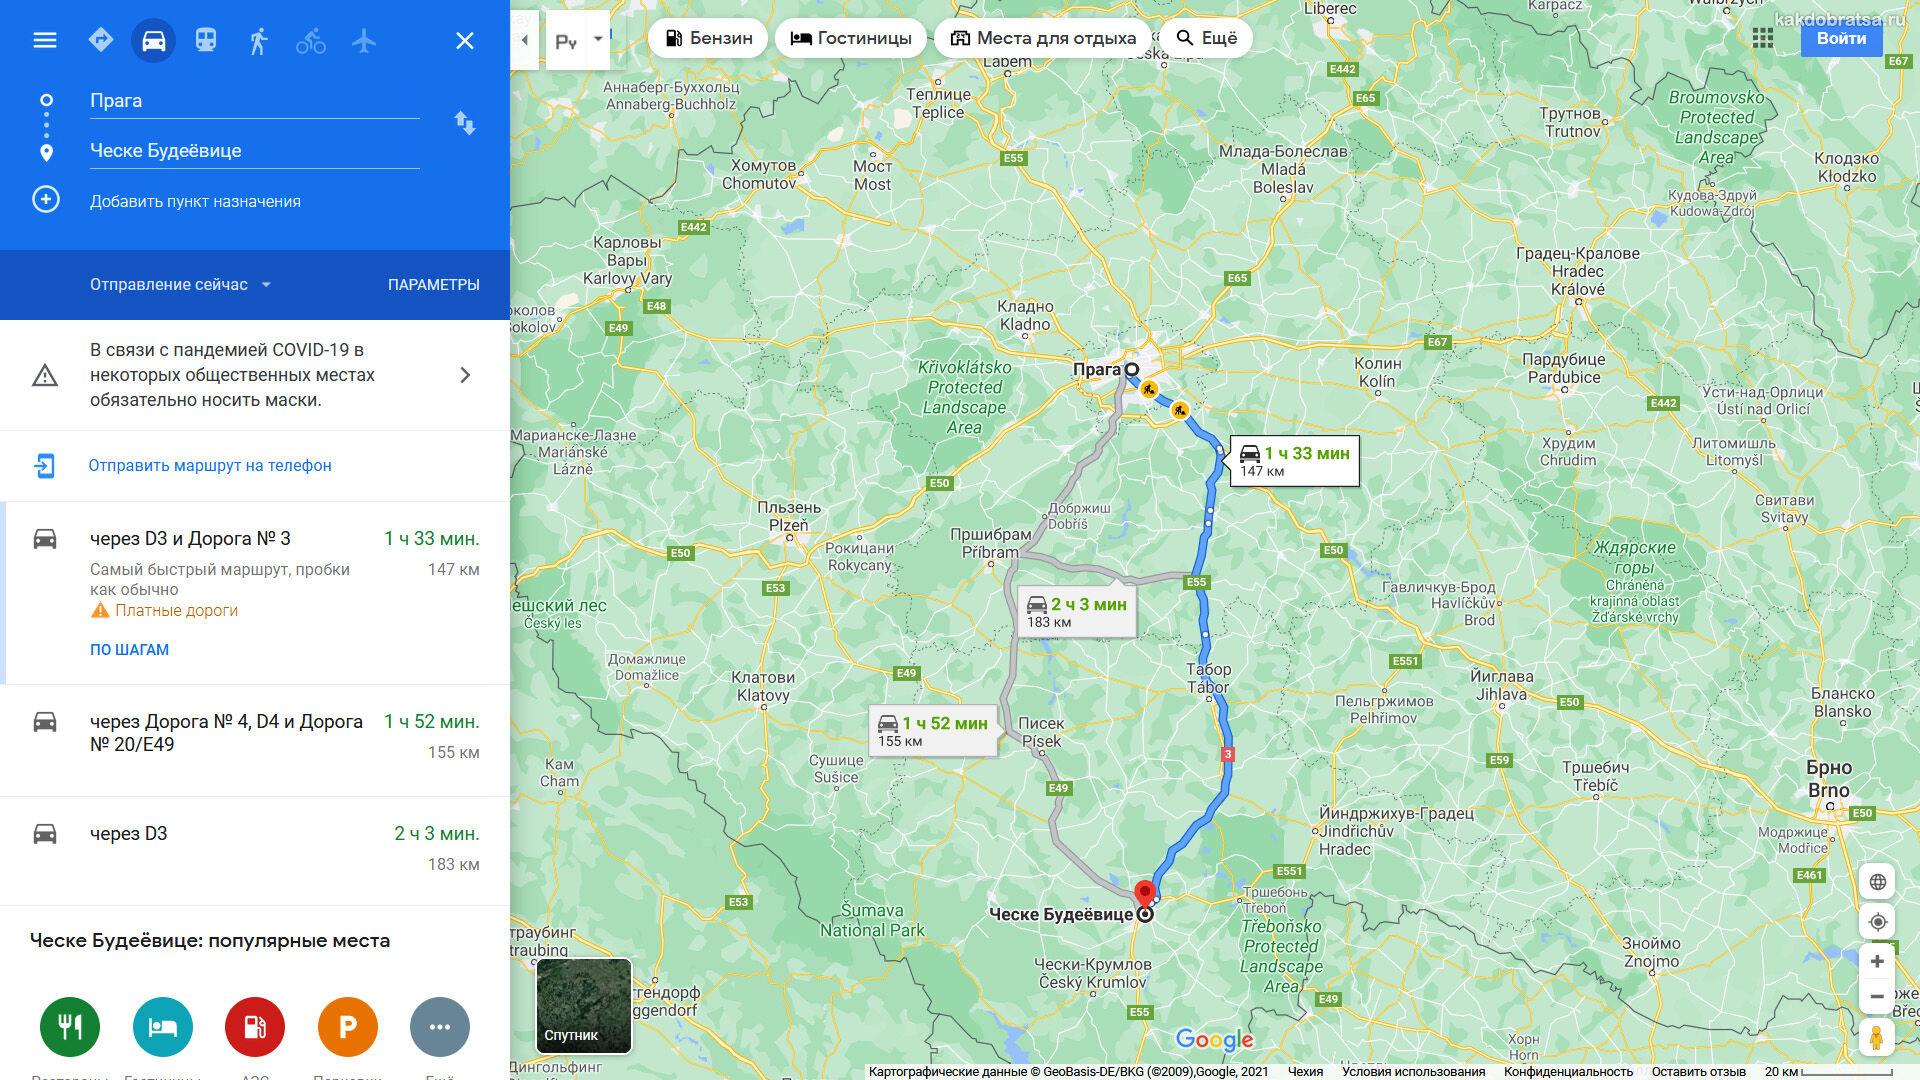 Расстояние между Прагой и Ческе Будеёвице по карте